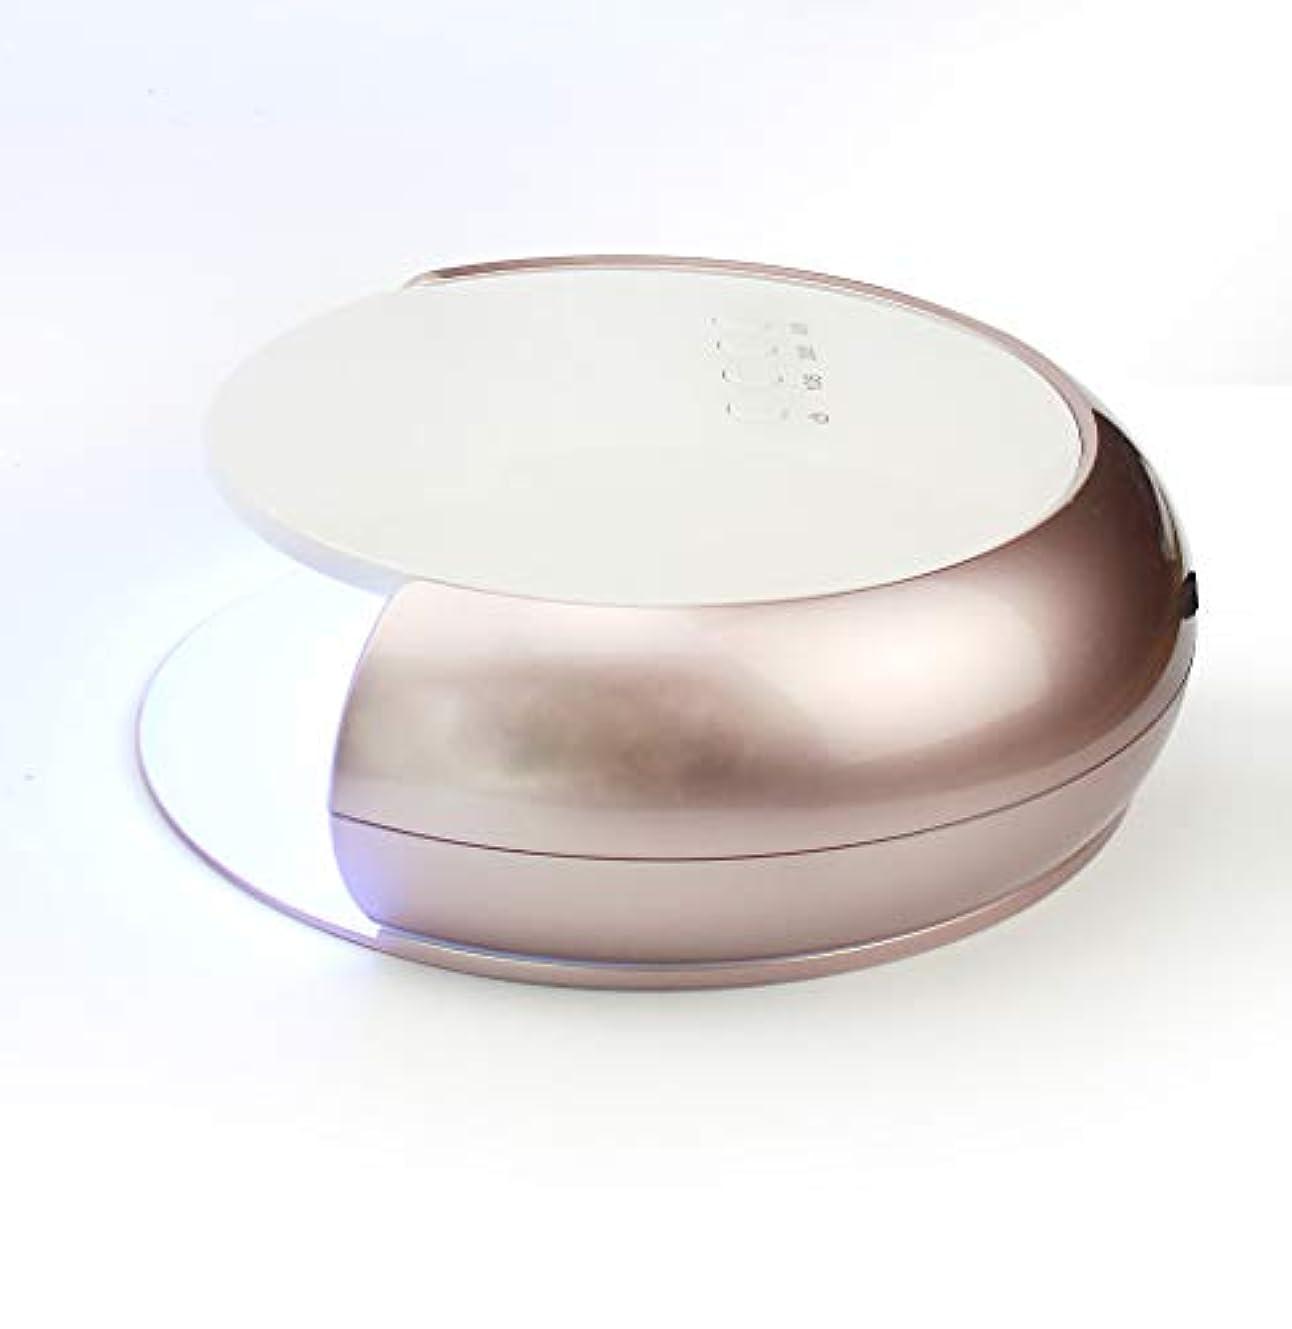 運賃バングラデシュプラグネイルドライヤー - 光線療法機デュアル光源33 UV / LEDランプビーズ赤外線インテリジェント温度保護4速タイミング